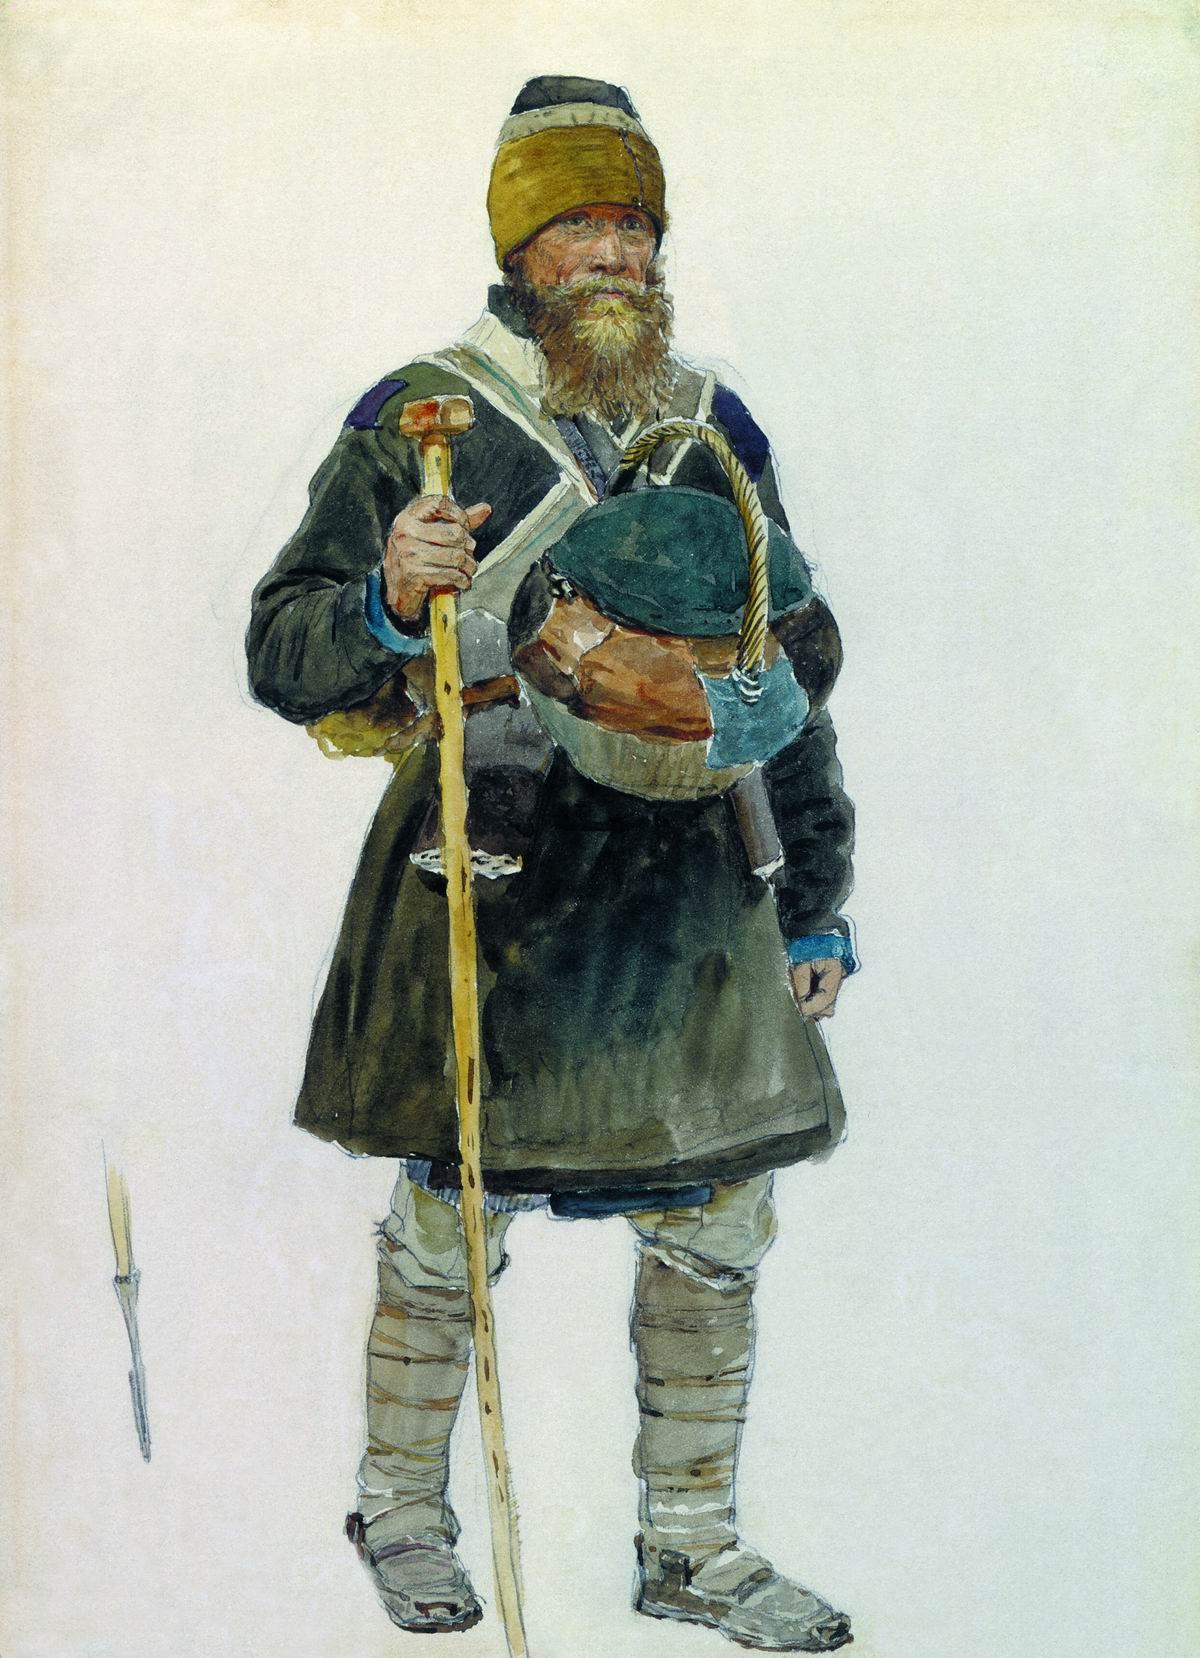 Репин И.. Паломник. Заостренный конец посоха паломника. 1881